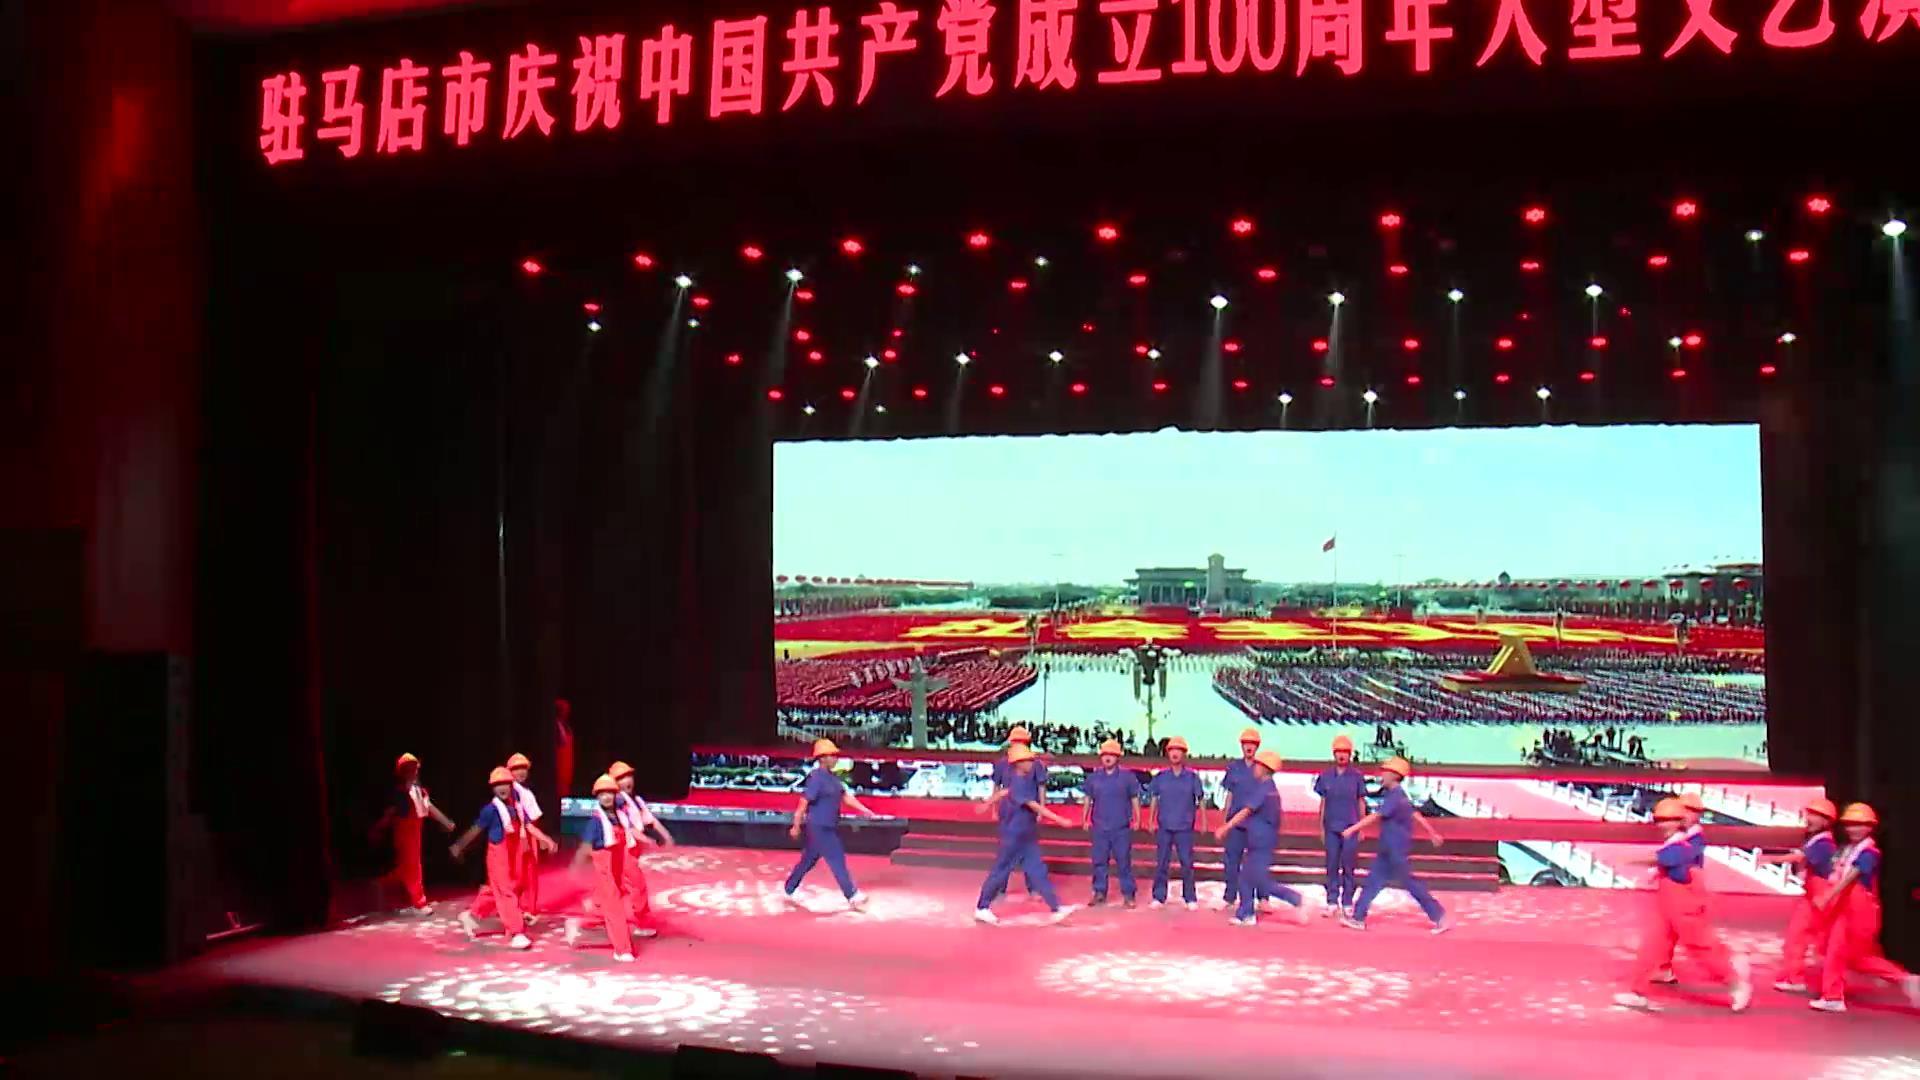 驻马店市庆祝中国共产党成立100周年文艺演出——歌曲联唱